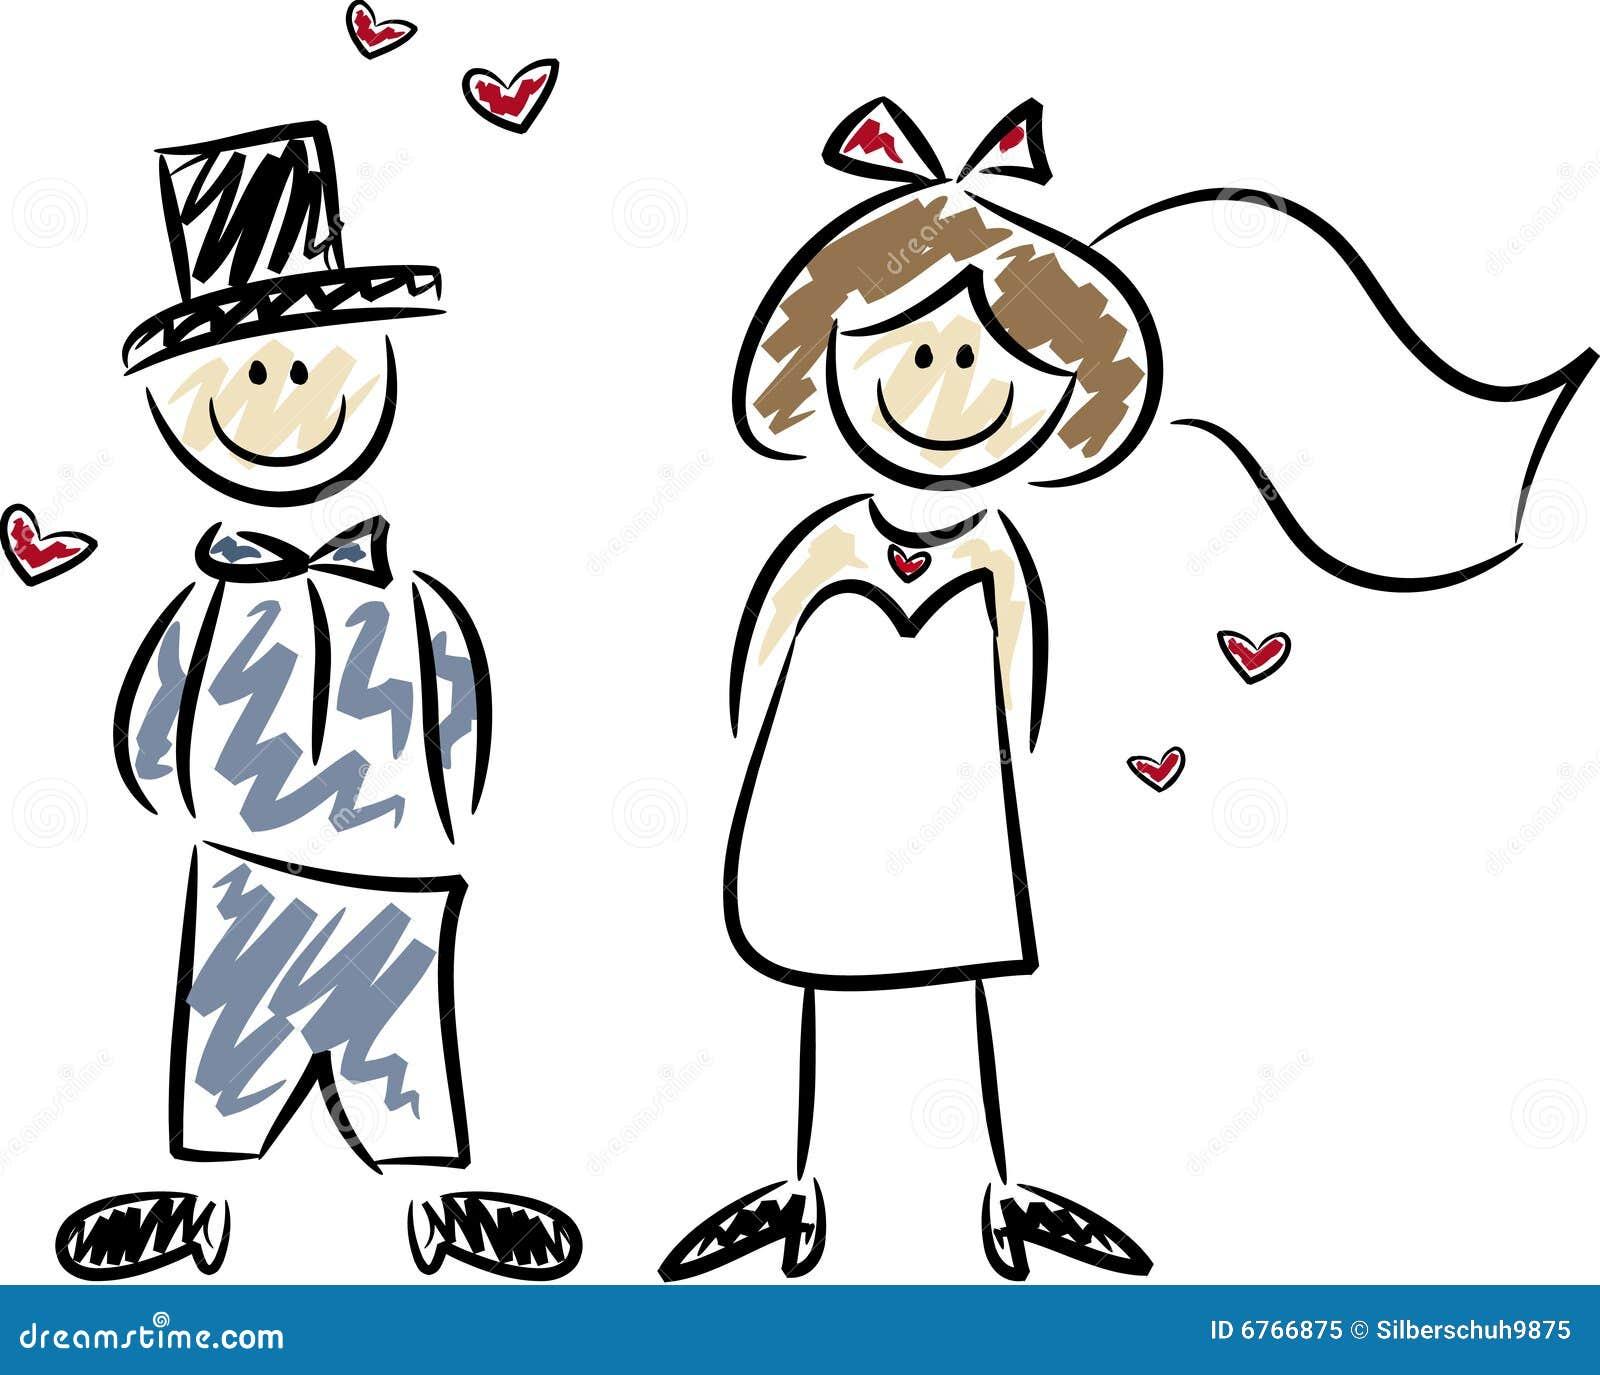 het leuke paar van het huwelijk vector illustratie free bride and groom clipart images bride and groom cartoon images free